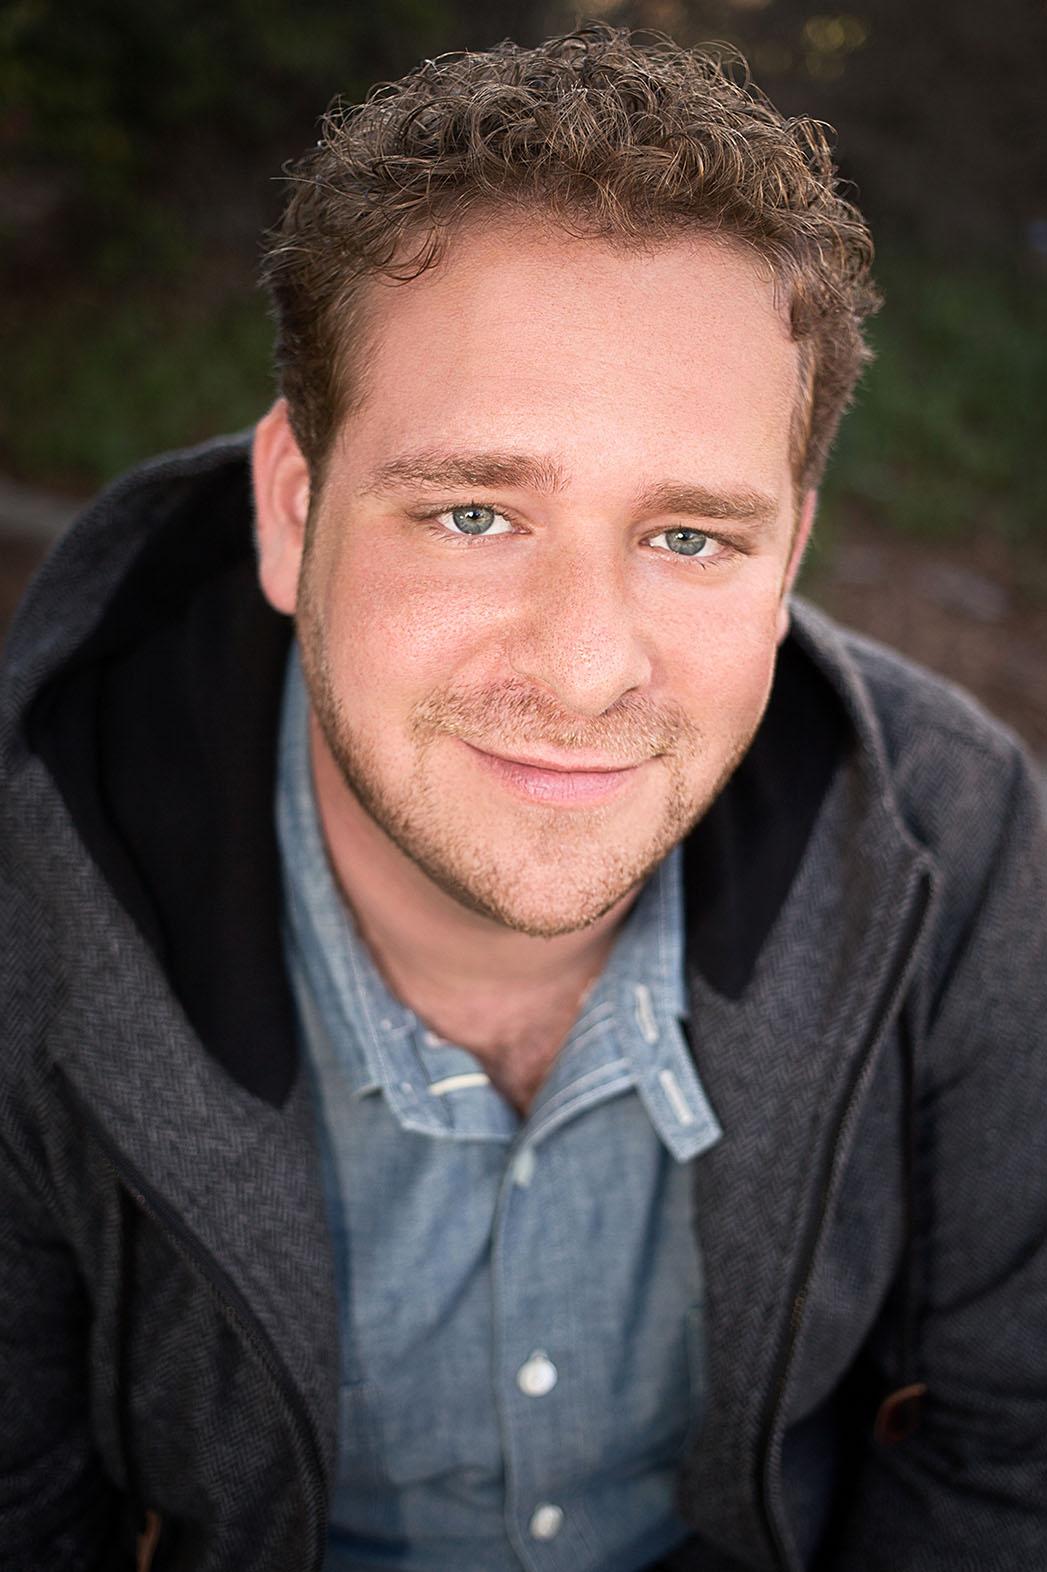 Adam Karp Headshot - P 2014